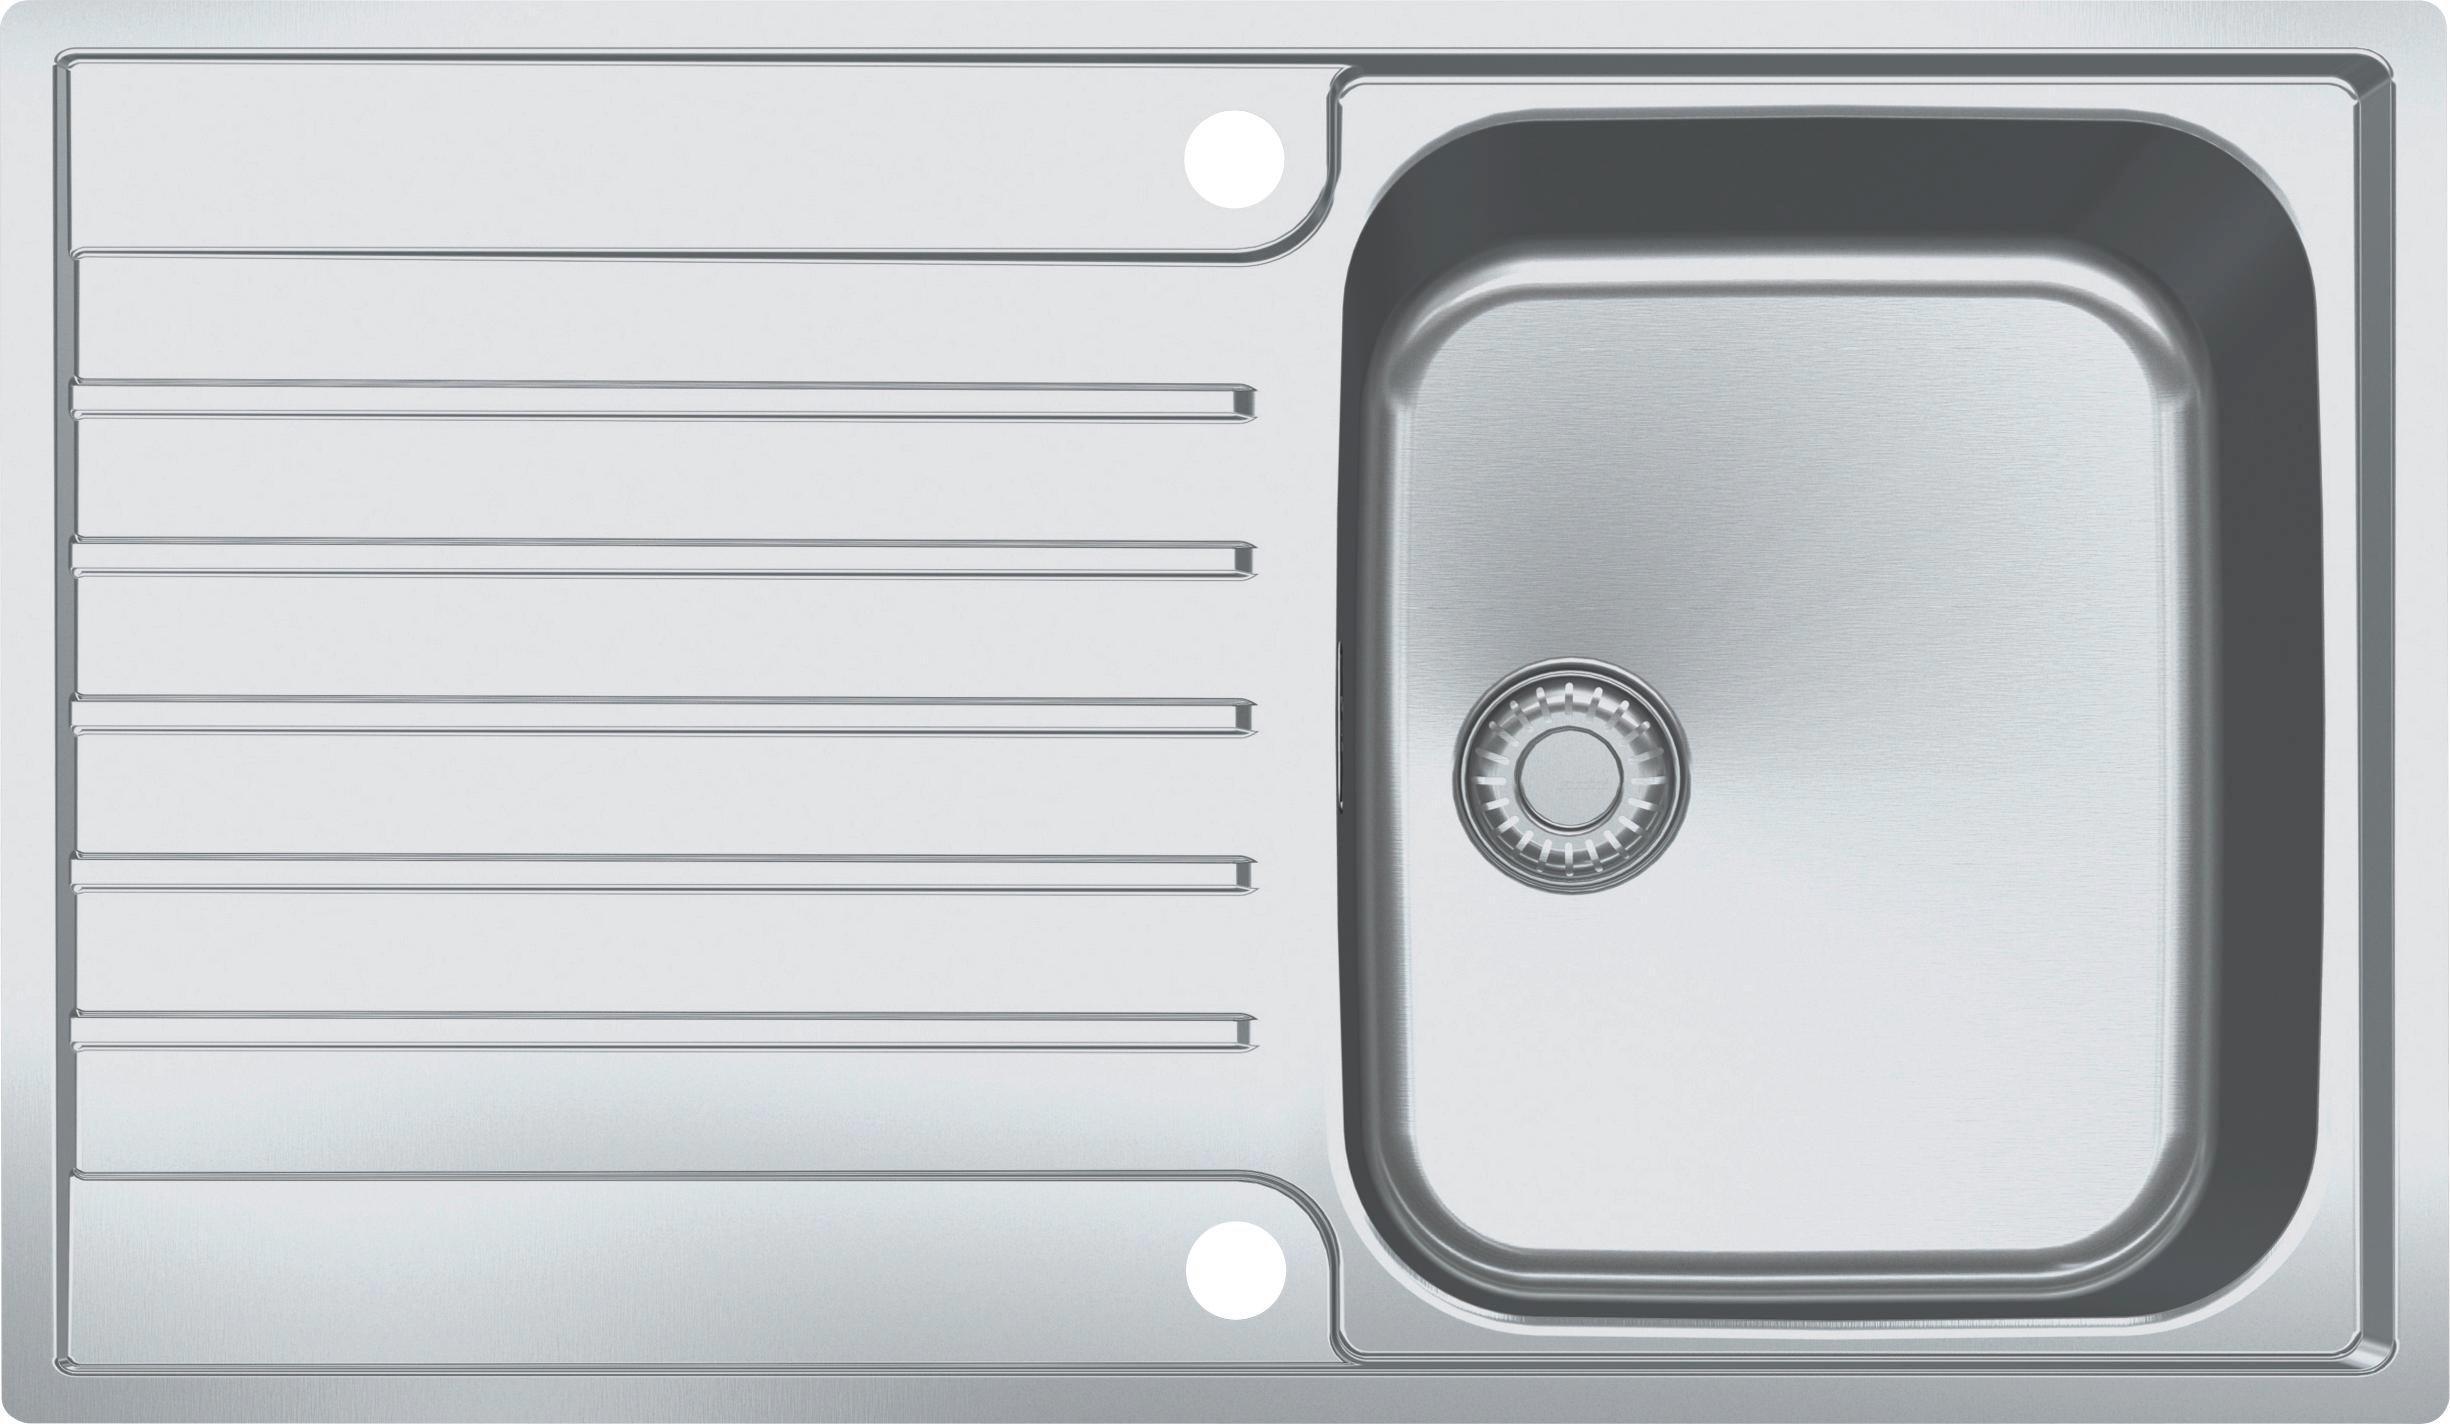 Spülbecken franke  Spüle Franke Argos Agx211-g online kaufen ➤ mömax